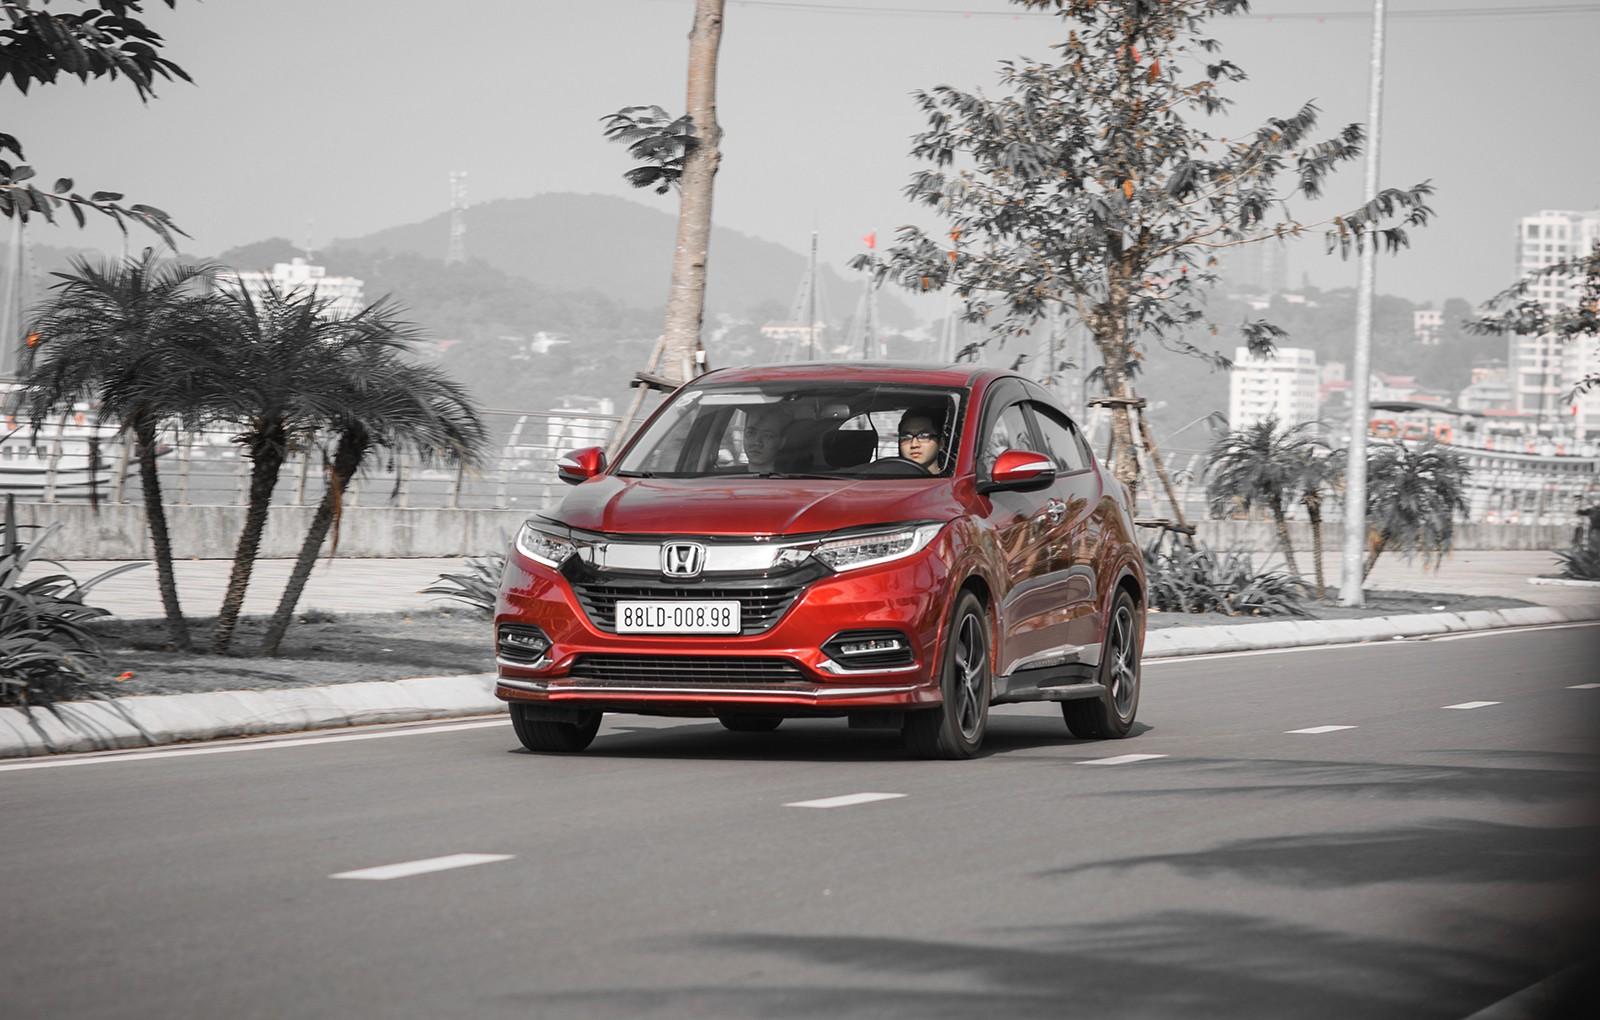 Đánh giá Honda HR-V: Thực dụng kiểu Nhật, đồ chơi kiểu Hàn và cách chiều lòng sự khó hiểu kiểu người Việt - Ảnh 23.